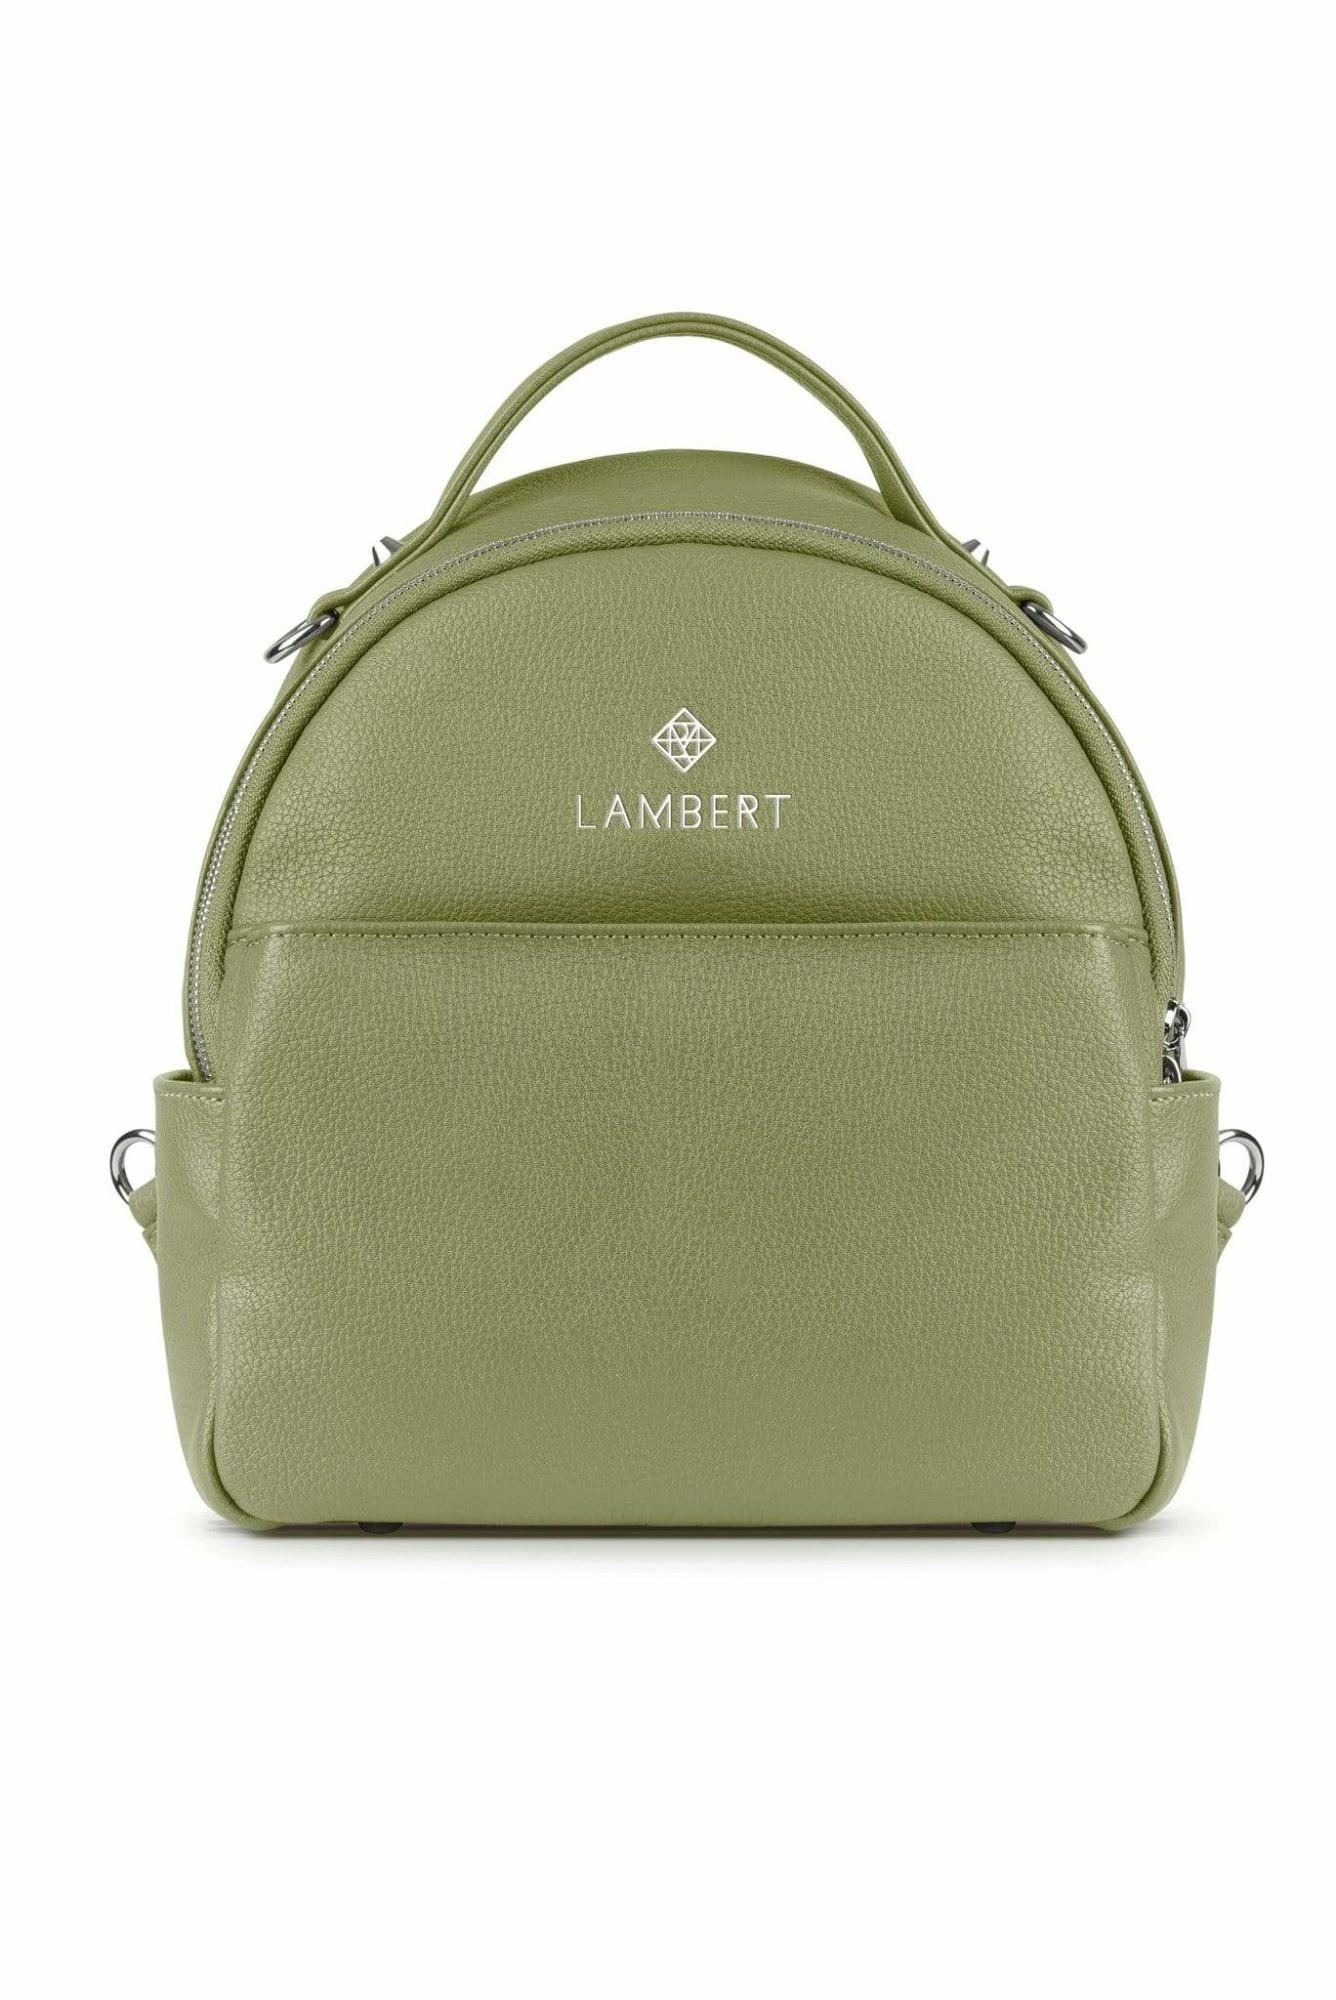 Lambert CHARLIE - Mini sac à dos en cuir vegan sage